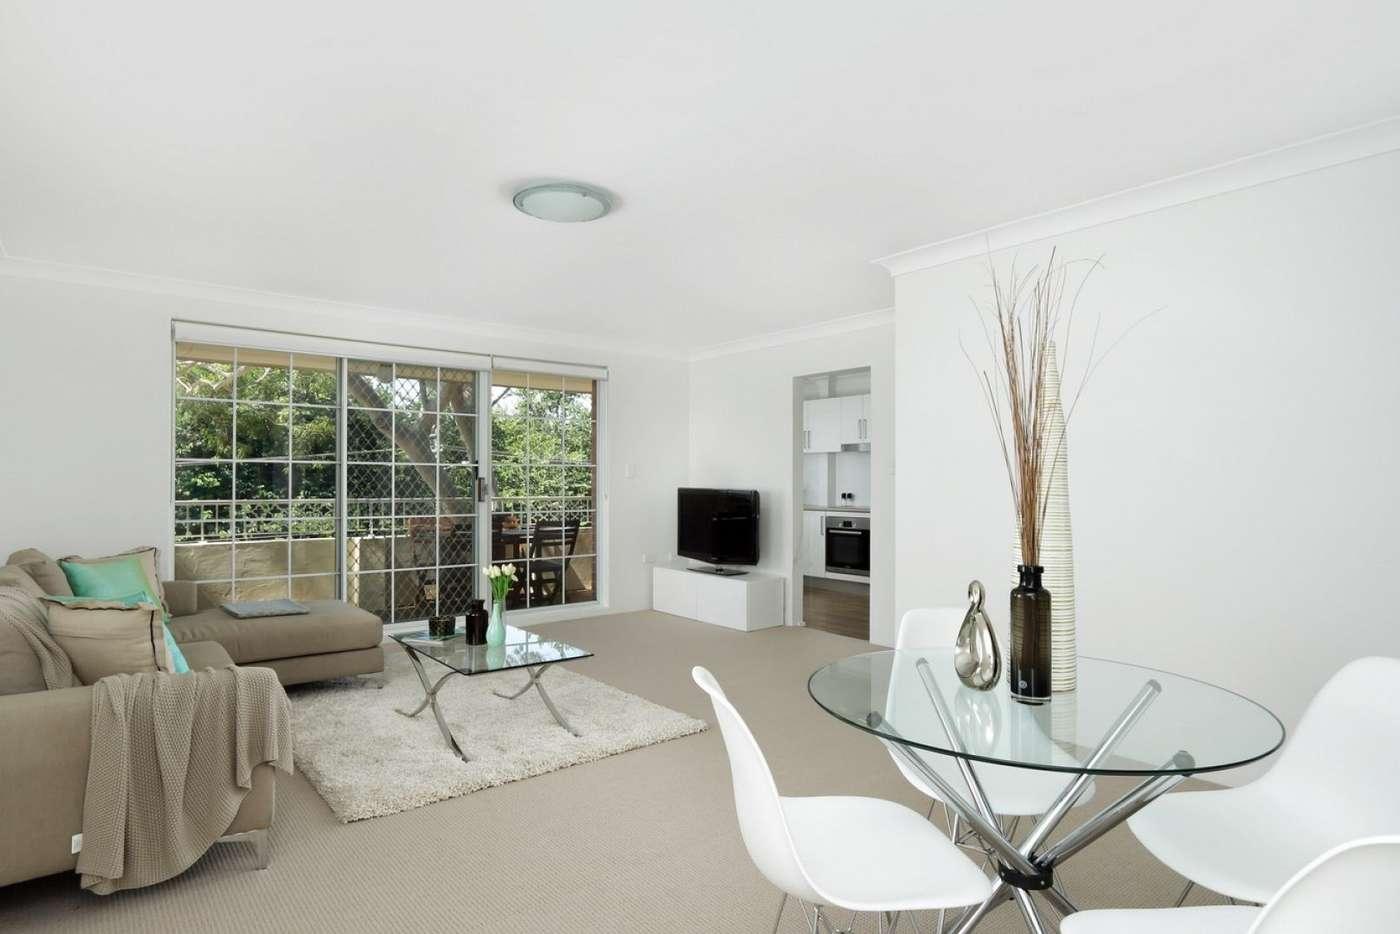 Main view of Homely unit listing, 33 Hudson Street, Hurstville NSW 2220